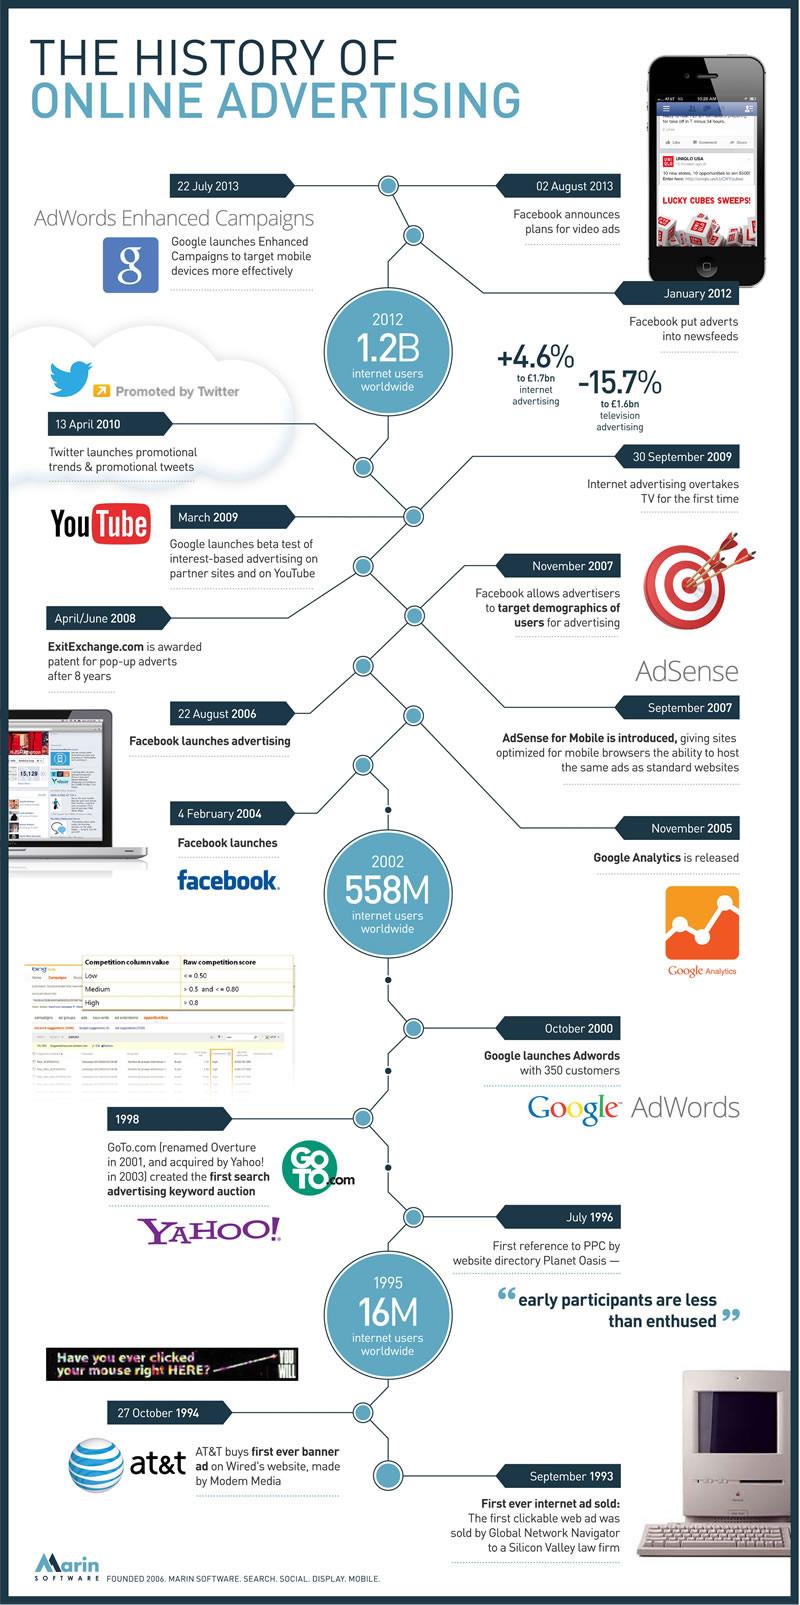 La historia de la publicidad en Internet resumida en una infografía - historia-publicidad-en-internet